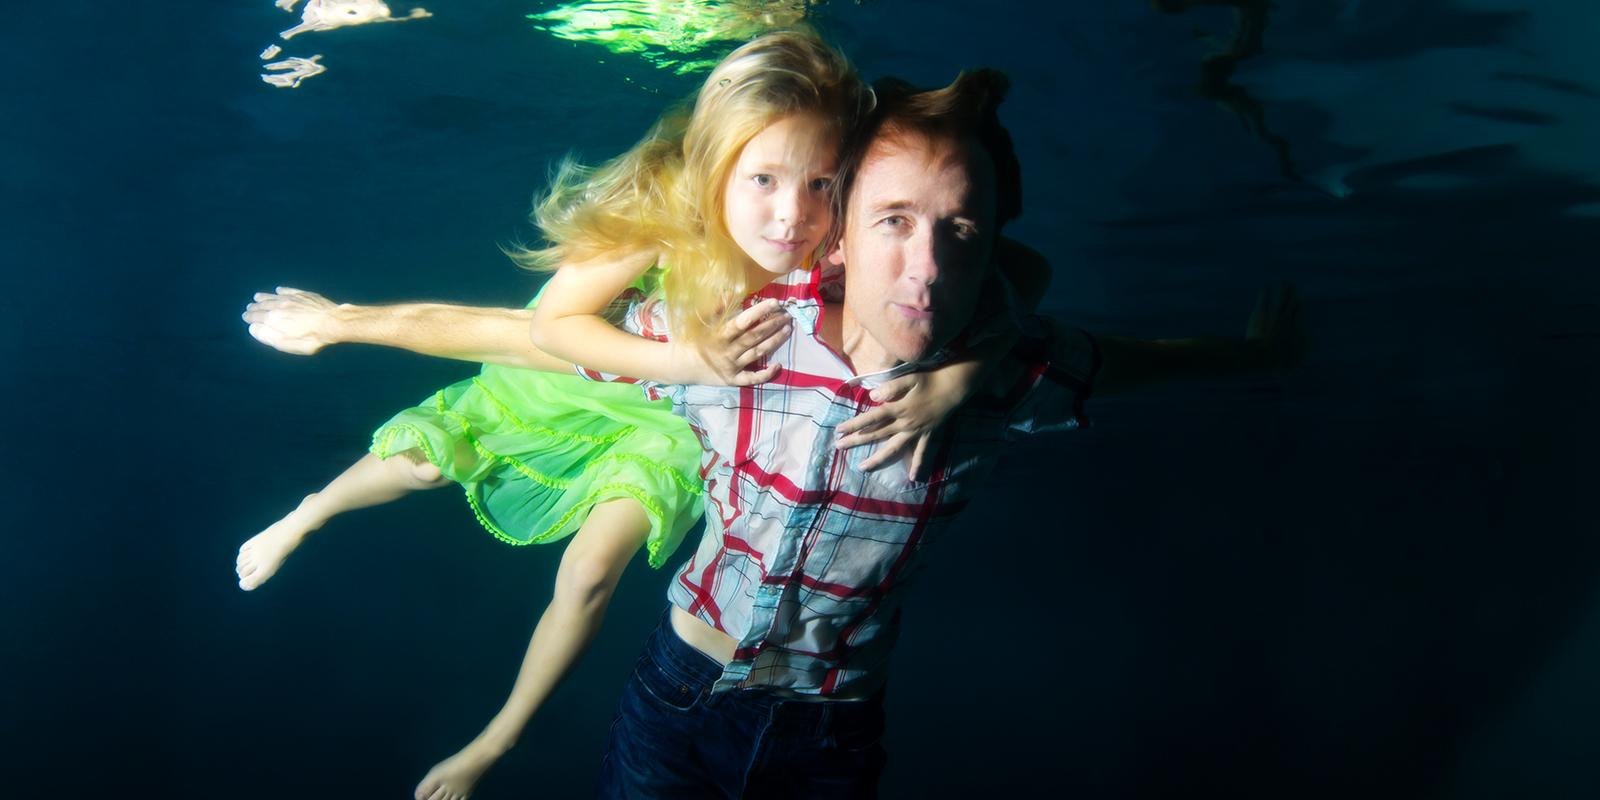 USD alumnus Steve Melen floats underwater alongside his daughter, Ava.